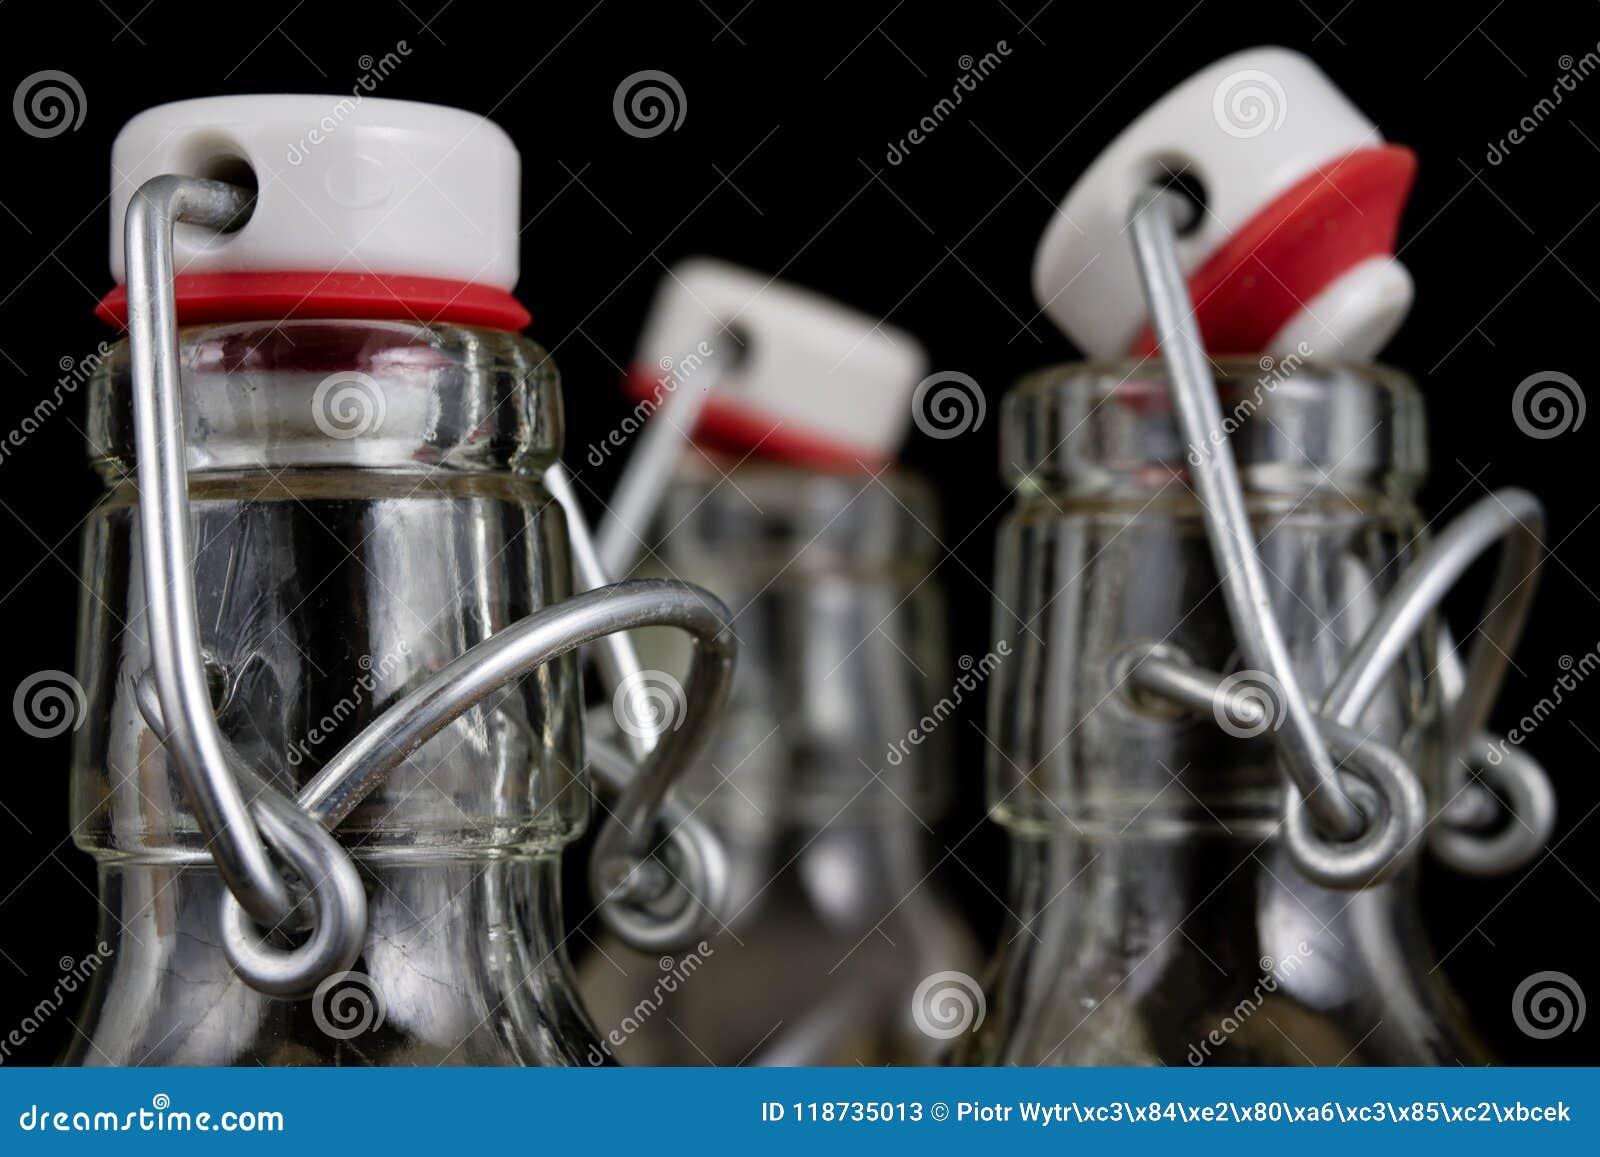 饮料瓶的普遍关闭 不漏气的盖帽闭合值的tra